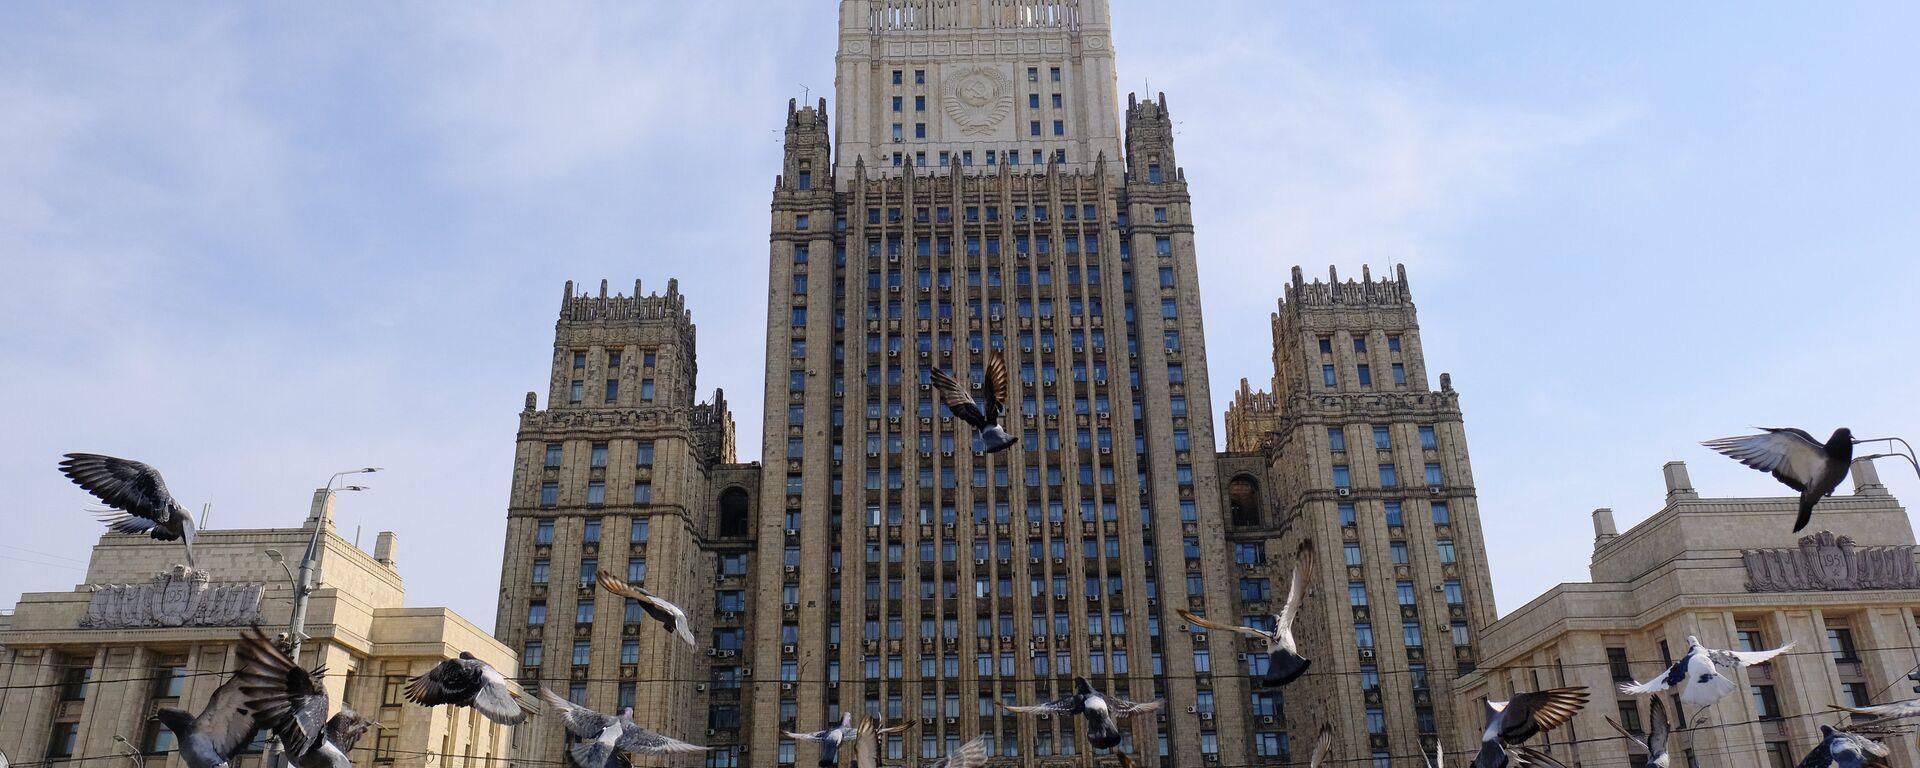 El Ministerio de Asuntos Exteriores de Rusia - Sputnik Mundo, 1920, 15.04.2021